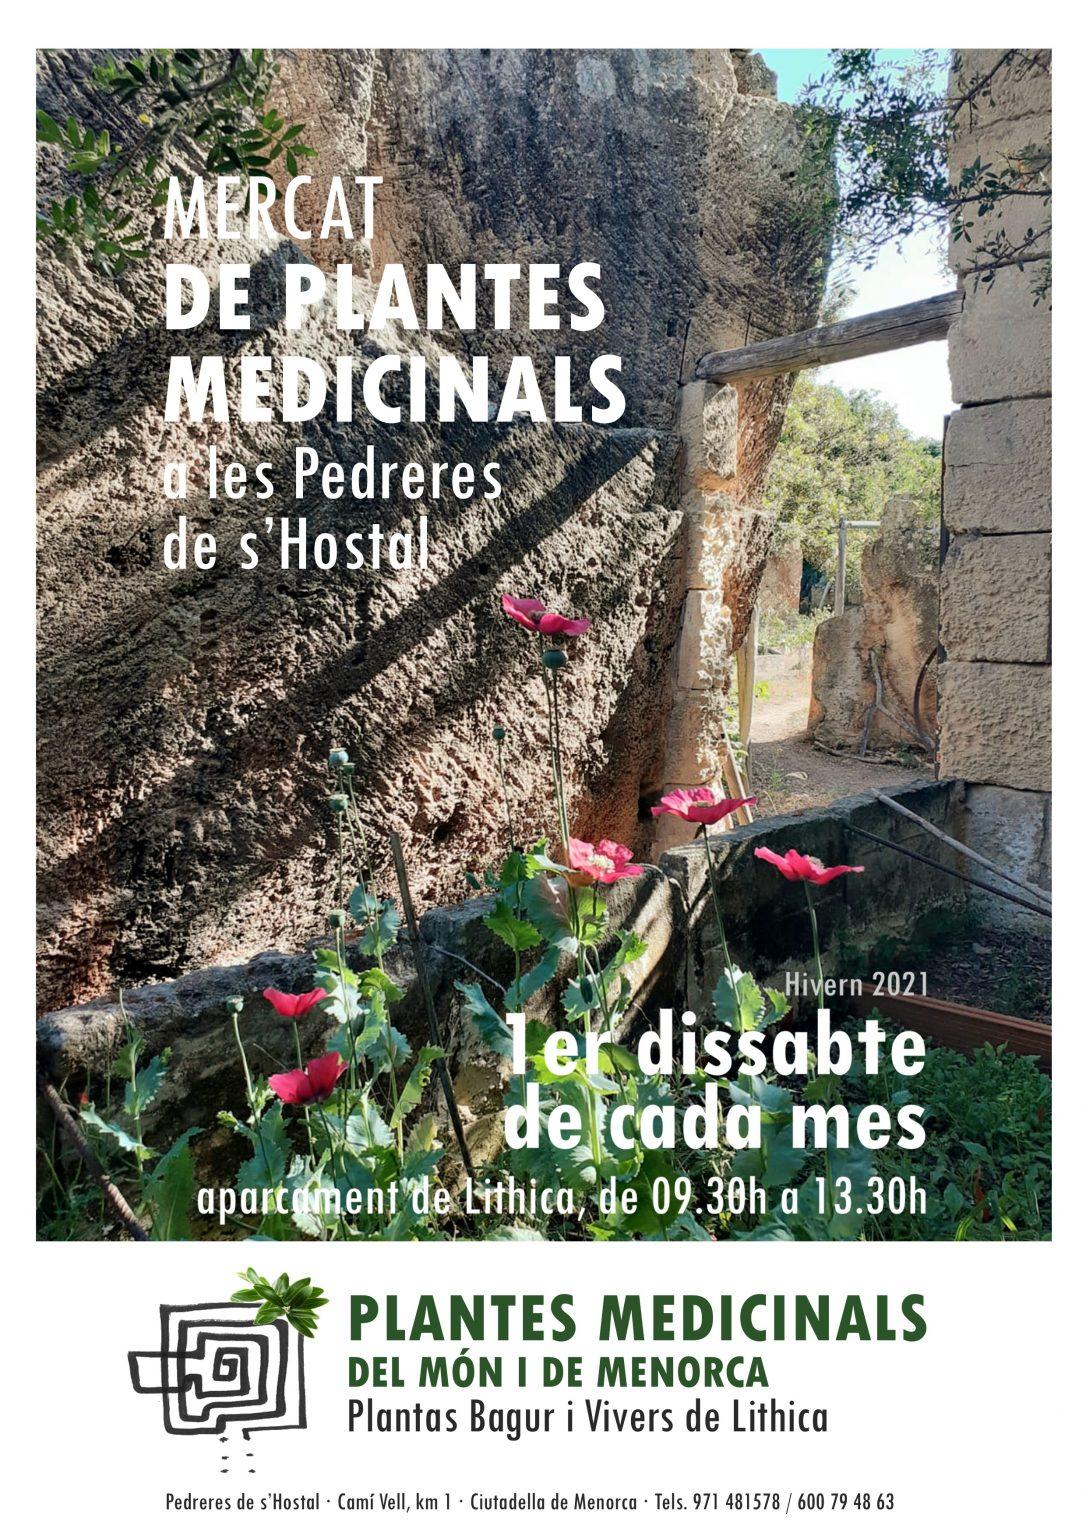 MERCAT DE PLANTES MEDICINALS DEL MÓN I DE MENORCA - LITHICA